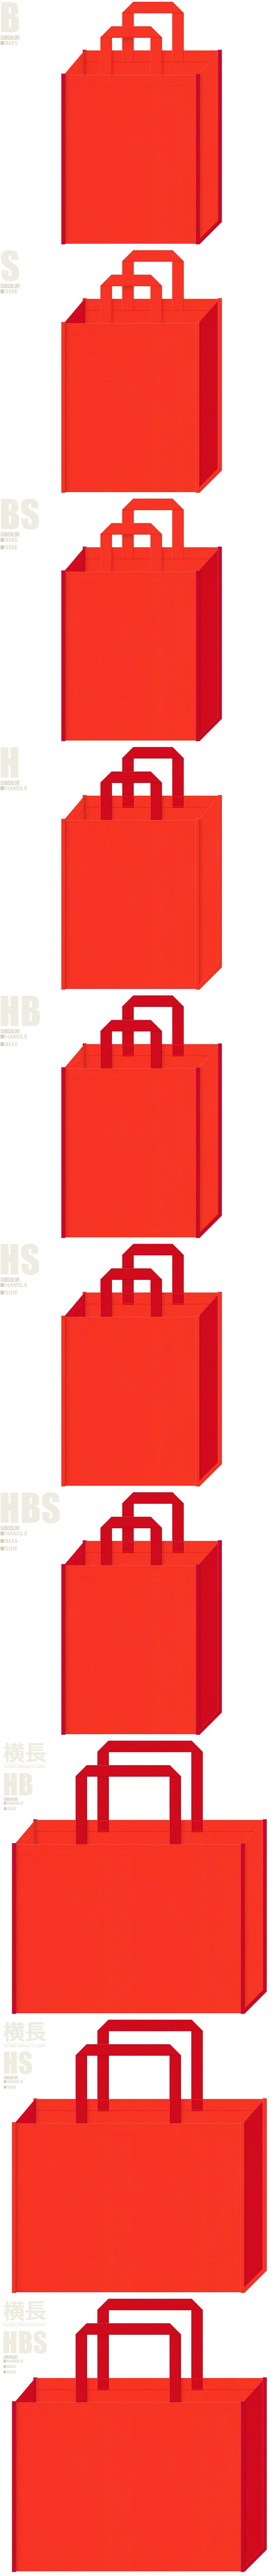 秋・紅葉・エネルギー・太陽・スポーツイベント・スポーツ用品の展示会用バッグにお奨めの不織布バッグデザイン:オレンジ色と紅色の配色7パターン